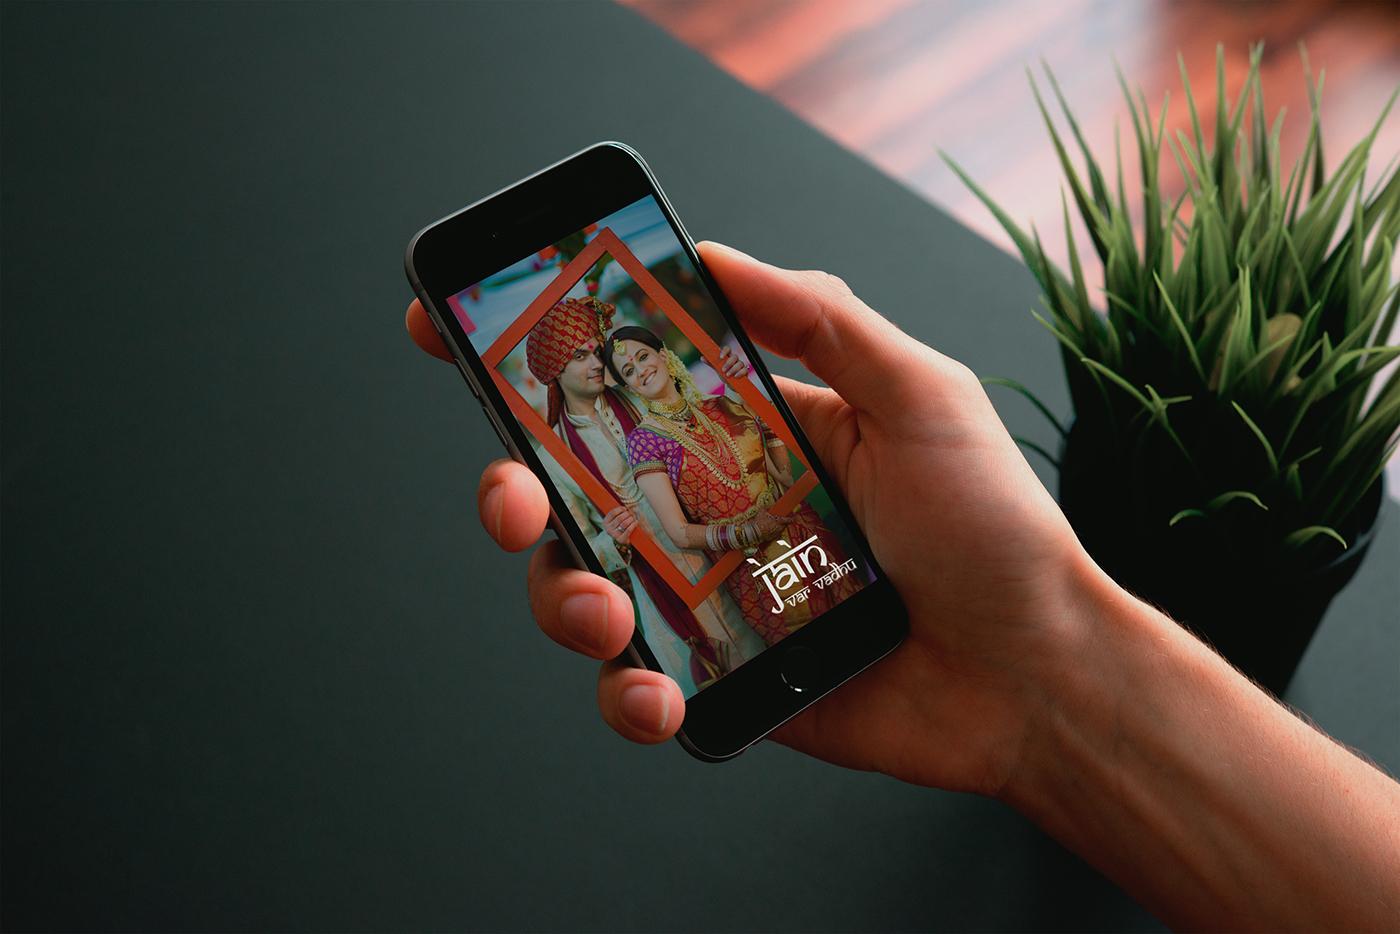 Promotional Matrimonial App Matrimonial App Promotional Creatives and Designs creative designs app matchmaking app